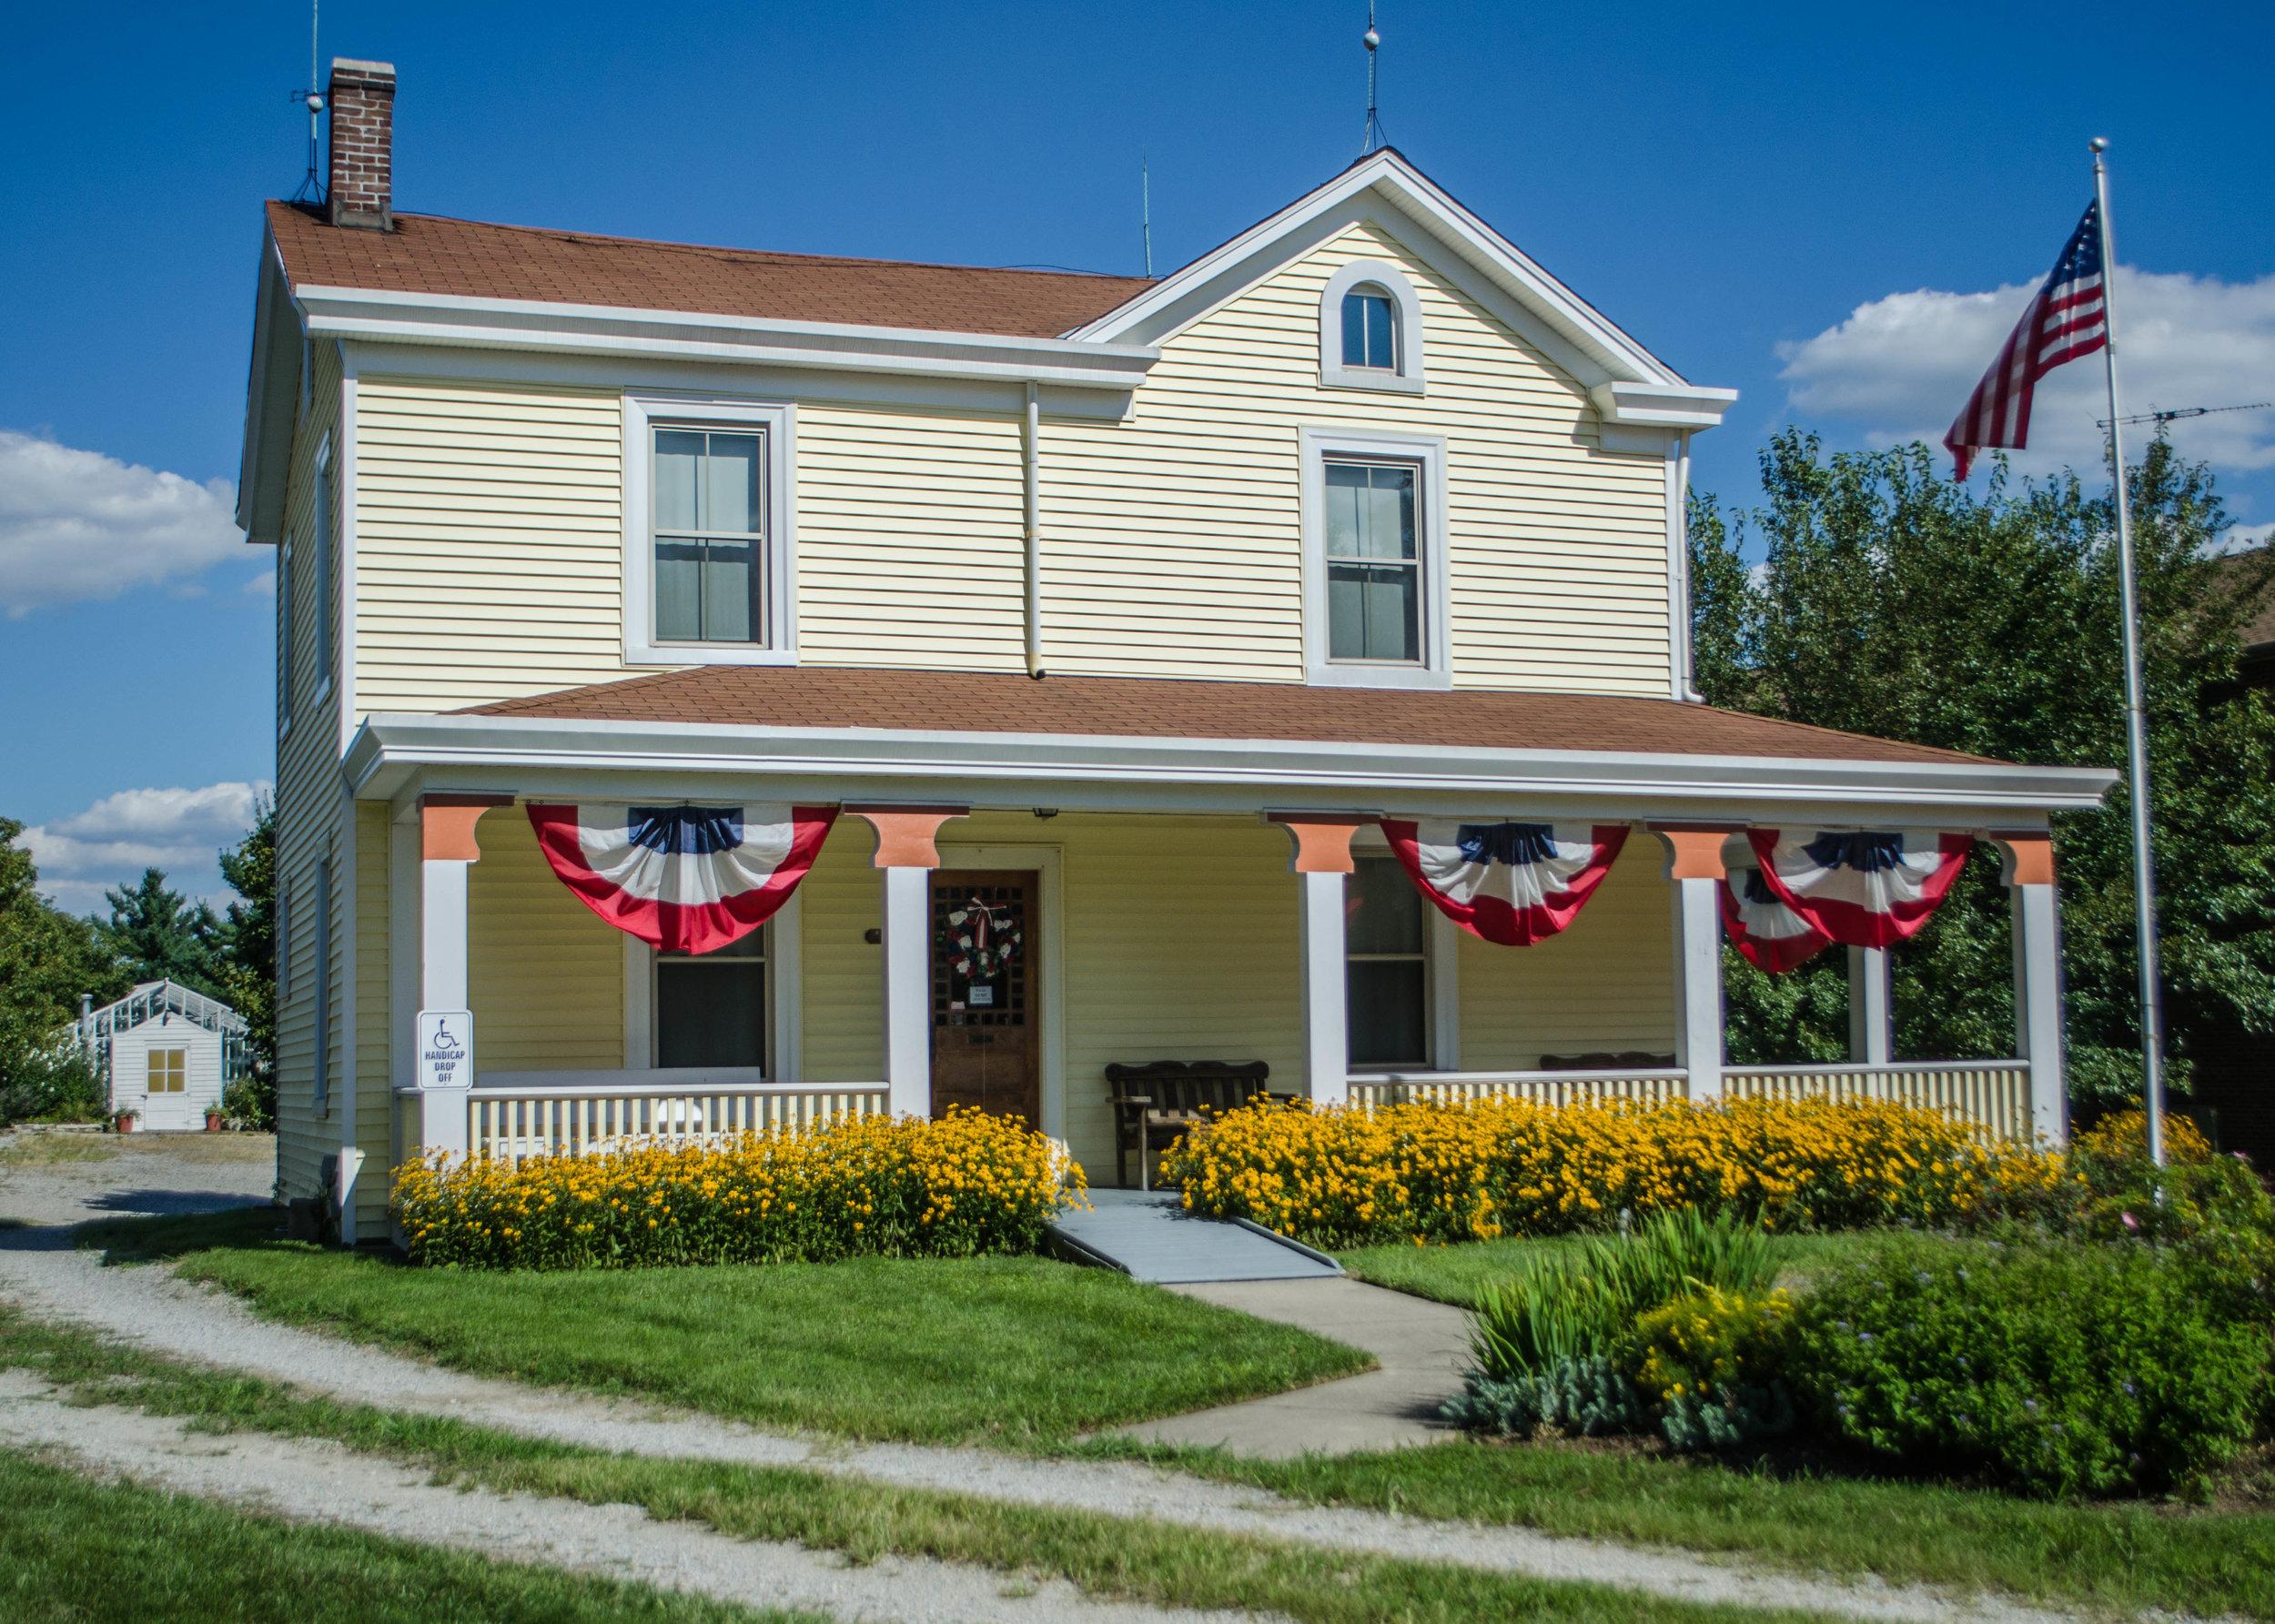 2016 Farmhouse Photos-2.jpg